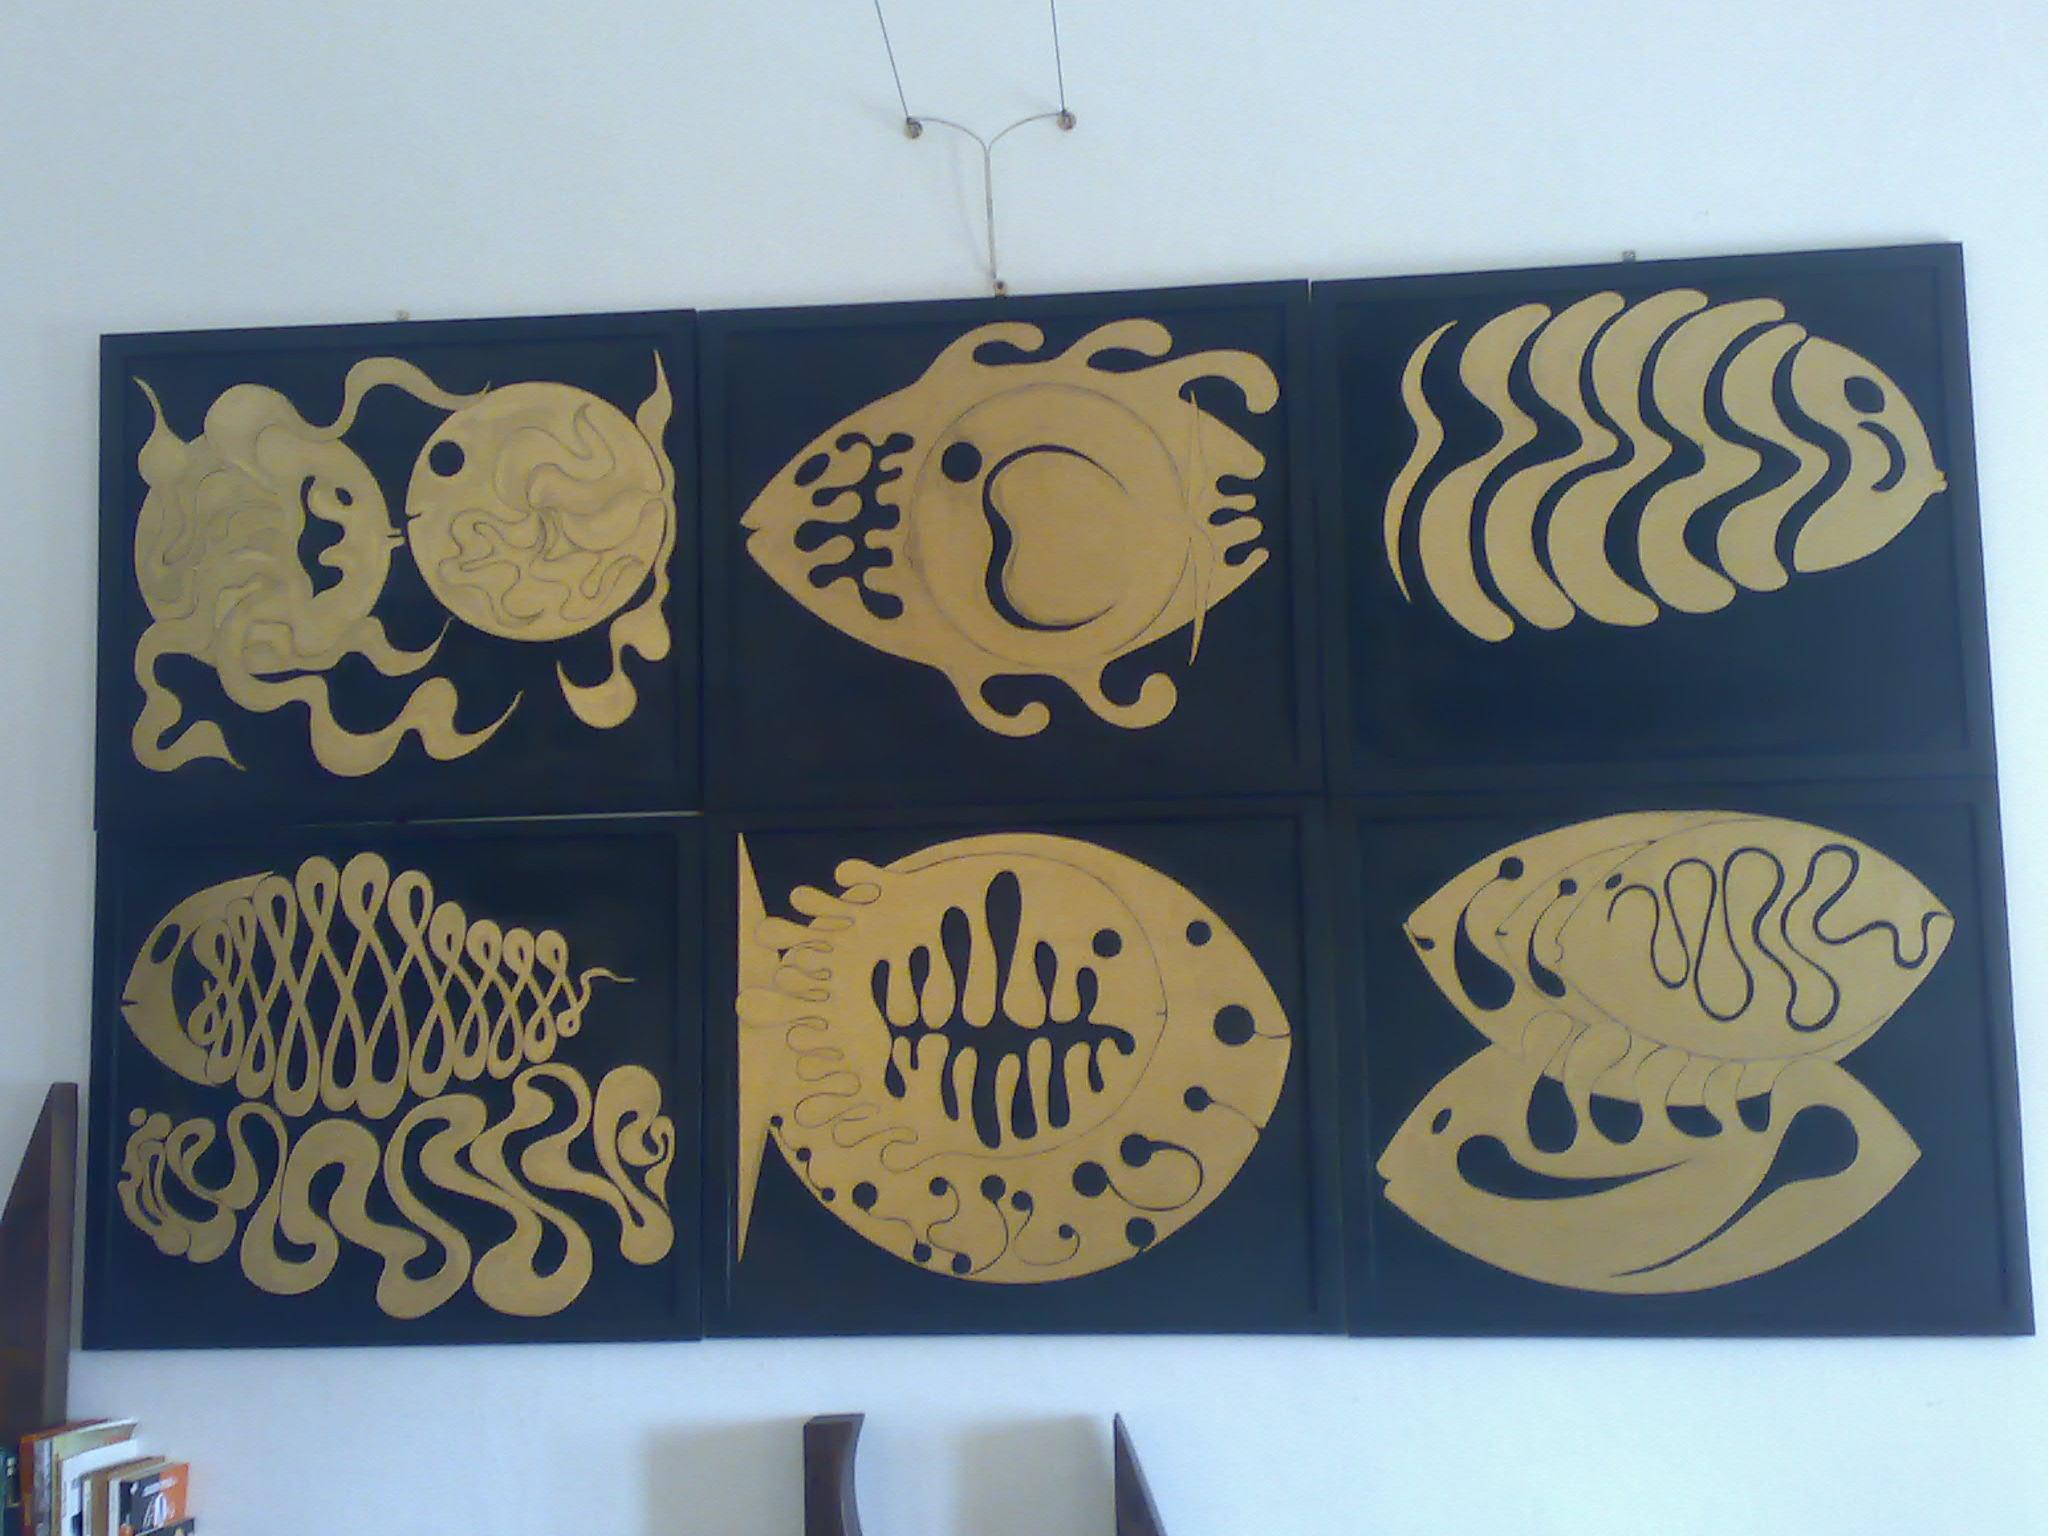 pesci 1 2003 legno sestetto 55x55 1